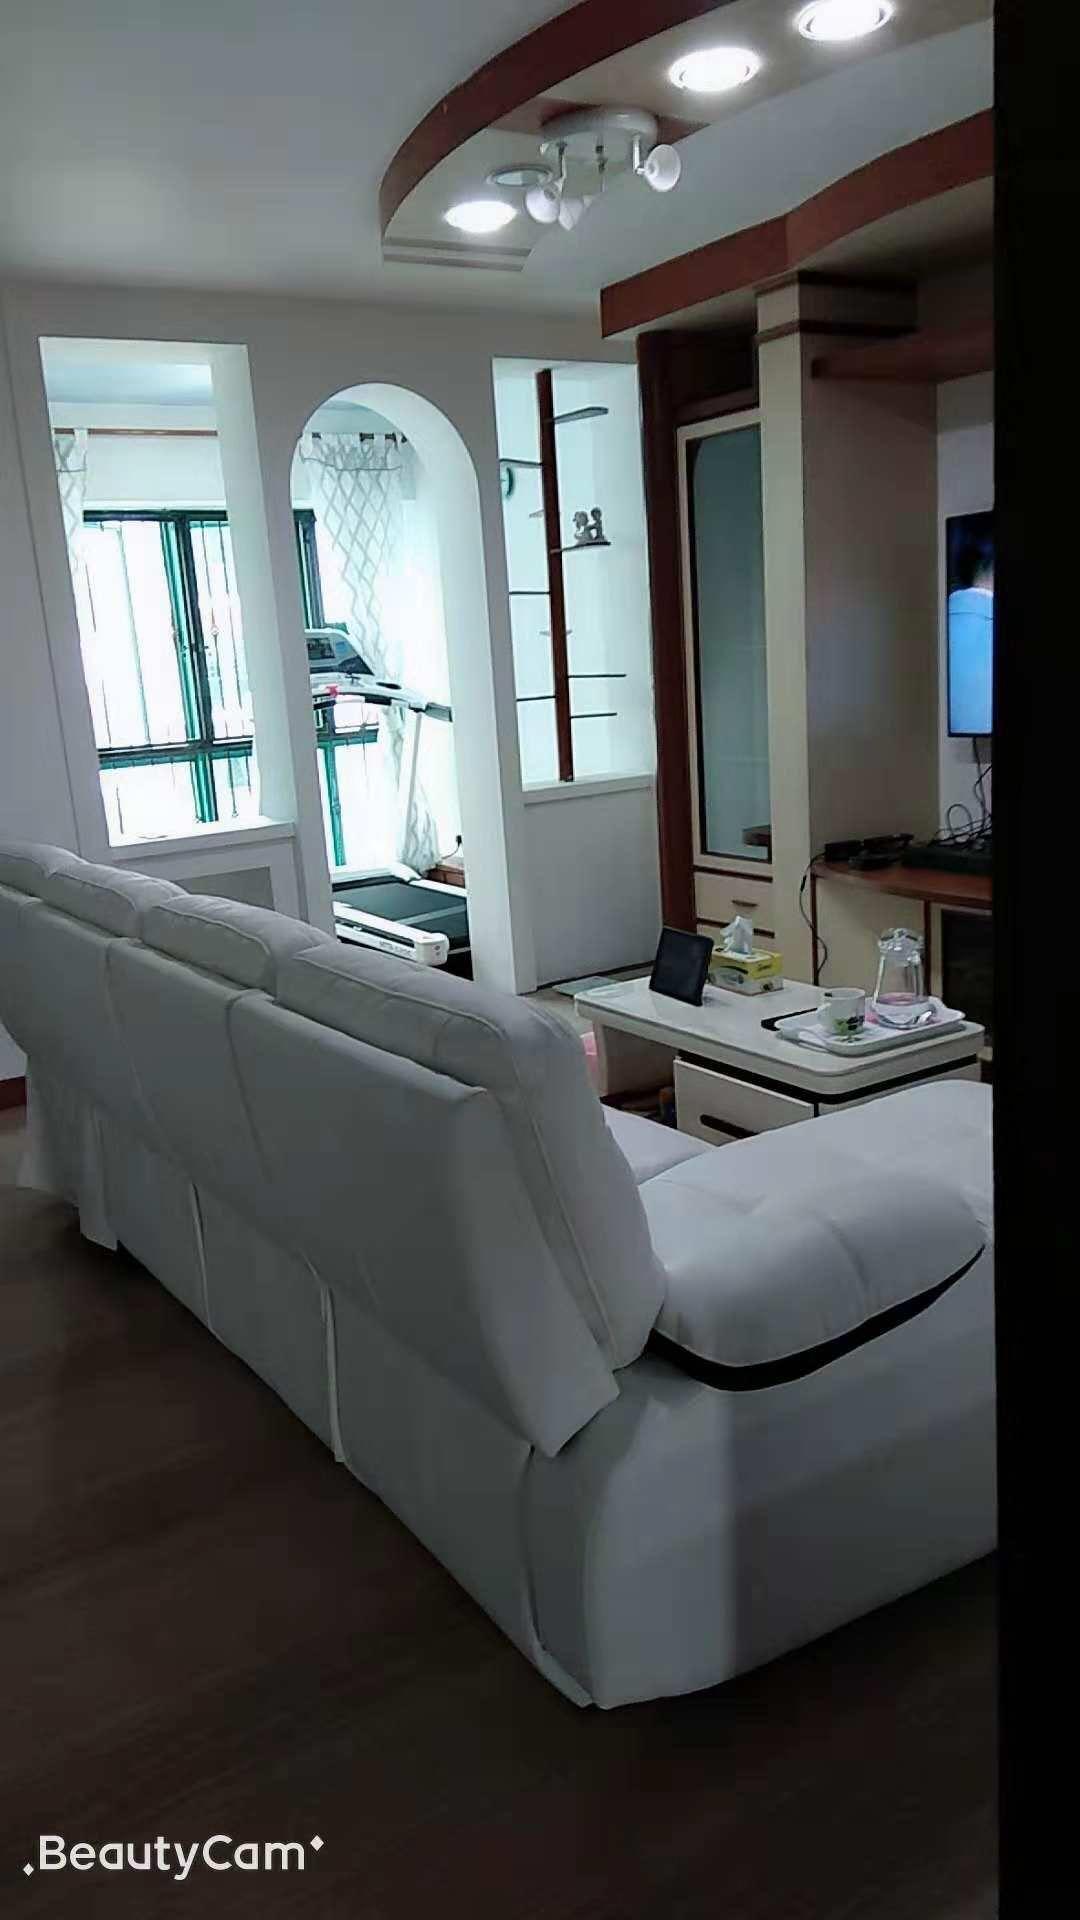 新加坡三巴旺房间出租,精美的客厅健身器材照片